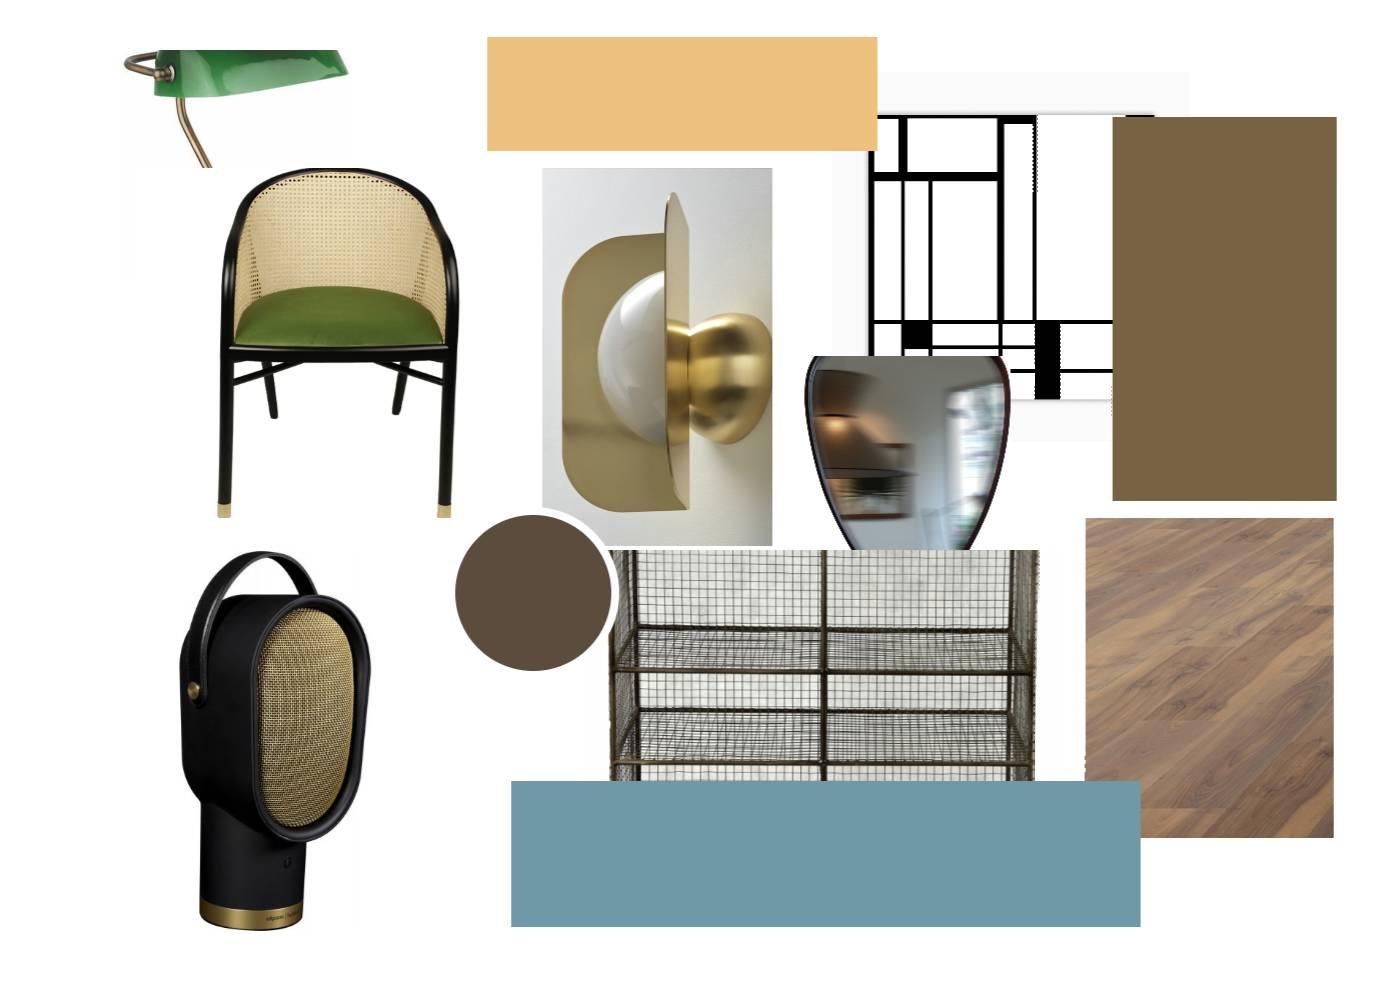 un bureau cheek pour mon guic toutes les planches setmystyle partagez vos planches tendances. Black Bedroom Furniture Sets. Home Design Ideas